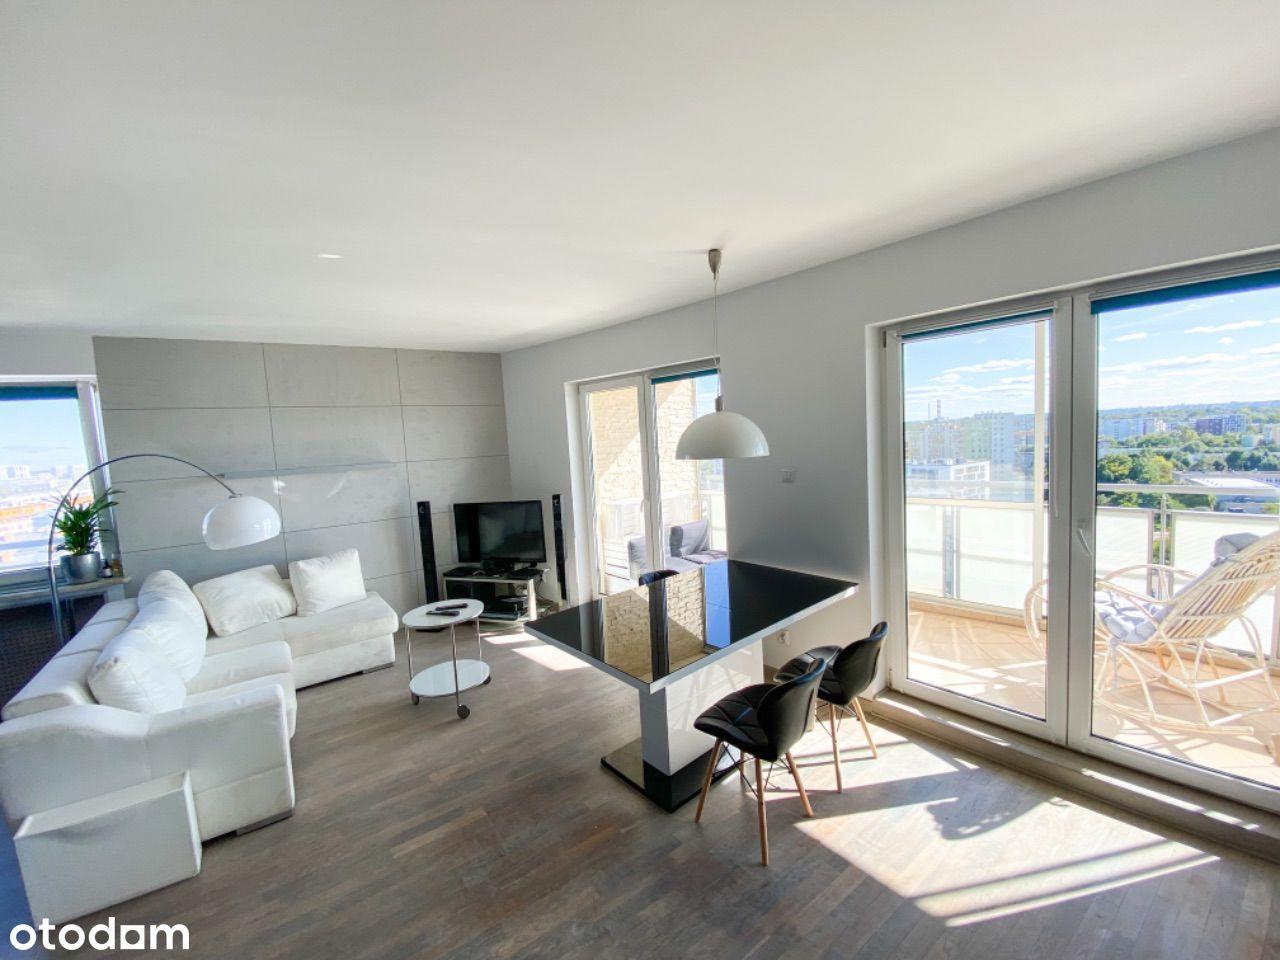 Apartament z panoramicznym widokiem przy parku